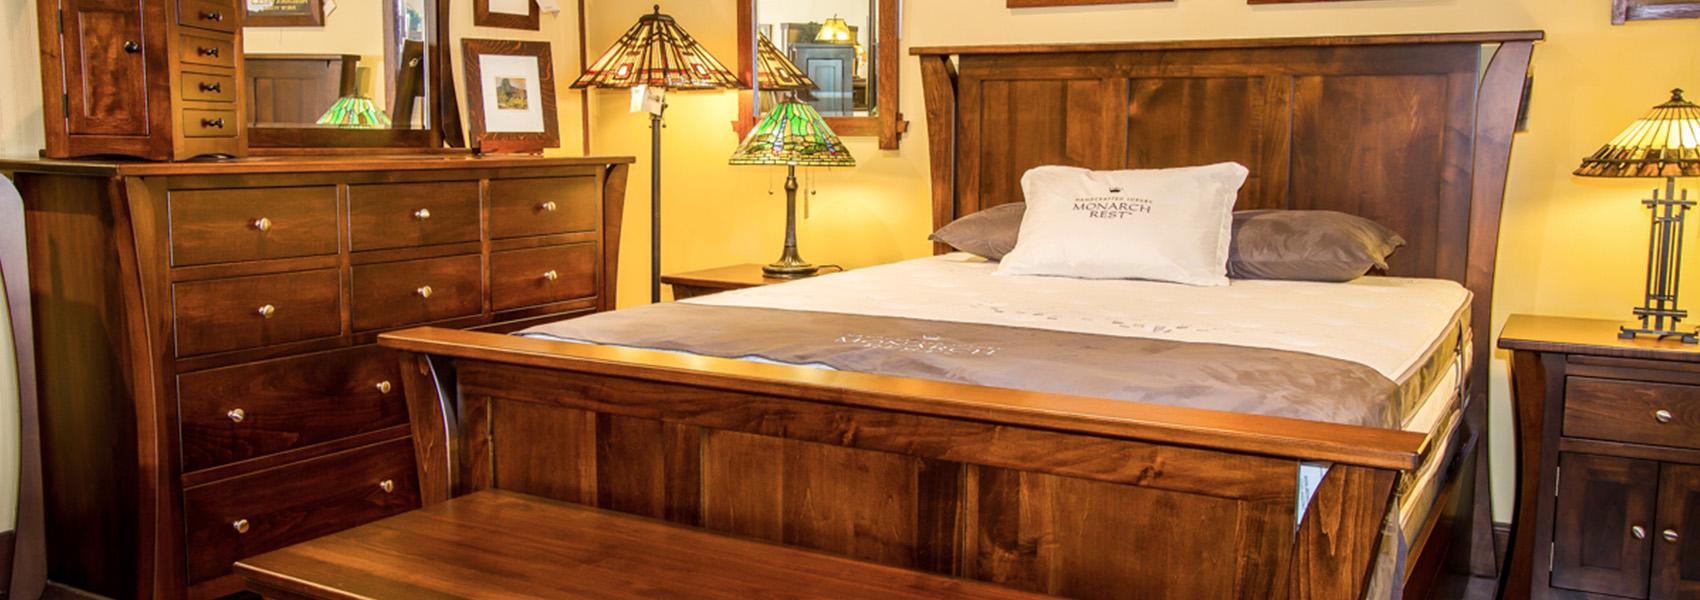 solid wood bedroom furniture QTCWAFX